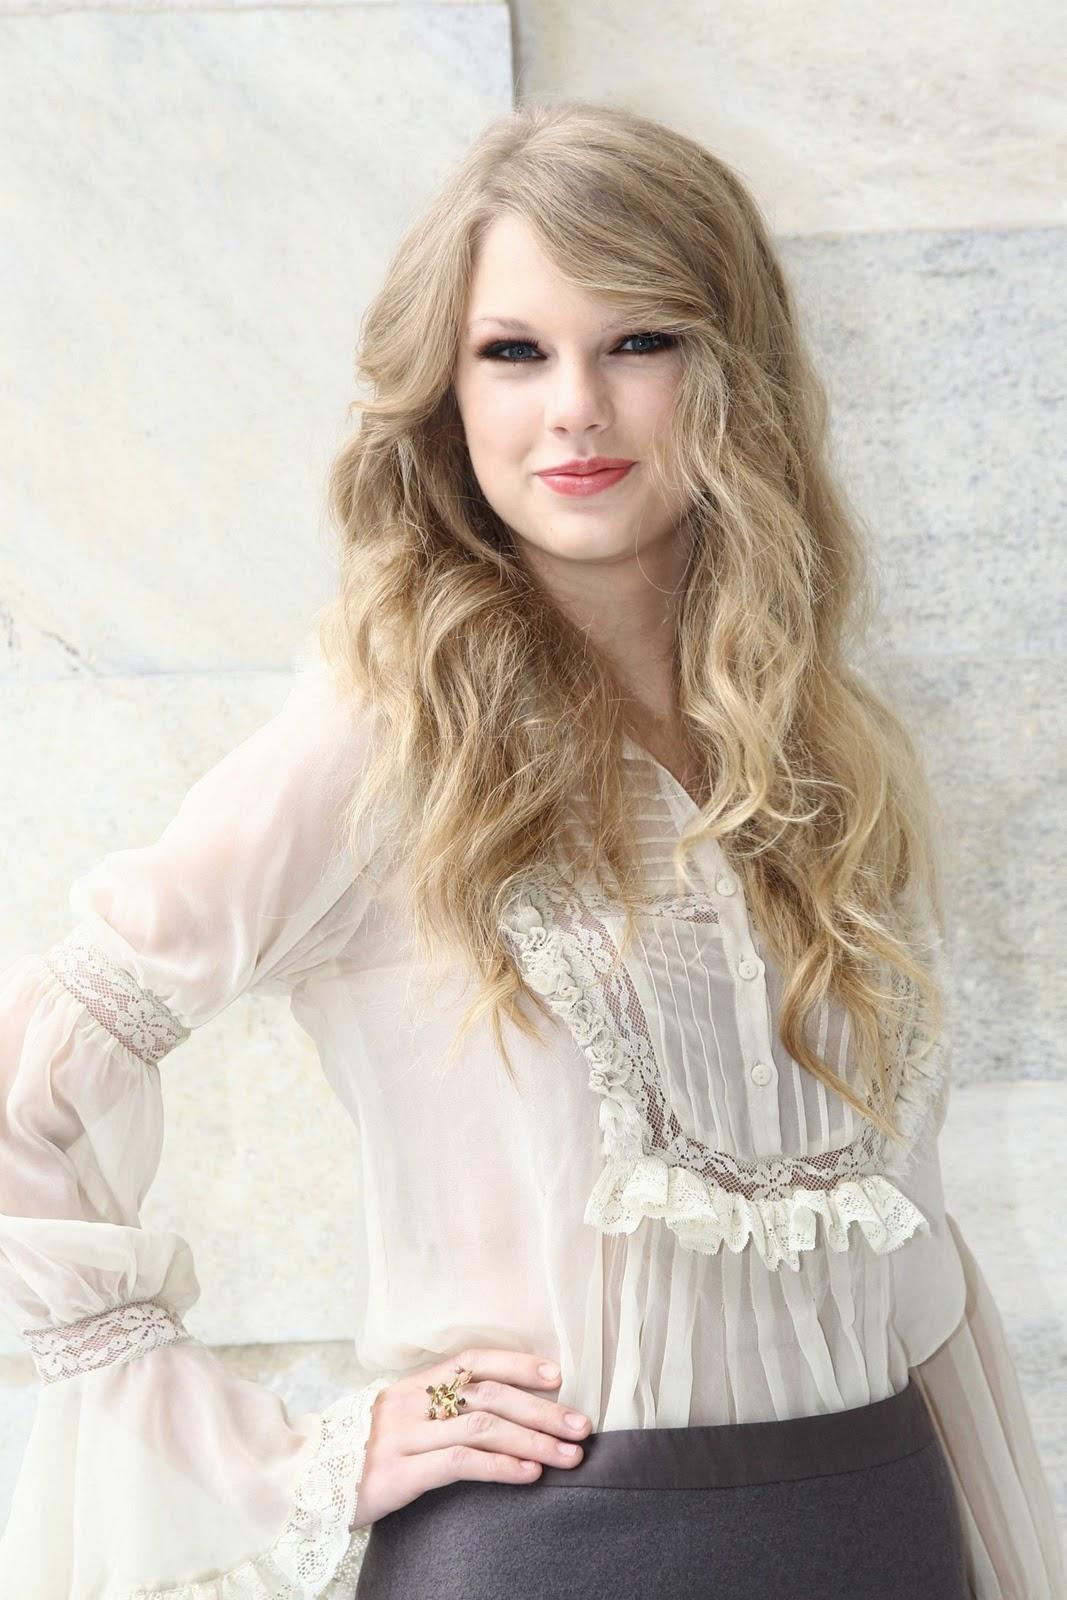 http://3.bp.blogspot.com/_DqQNorl_2Kc/TKDUV2JMSjI/AAAAAAAAAMQ/GYFBEQ2ojeg/s1600/Taylor-Swift-31.jpg